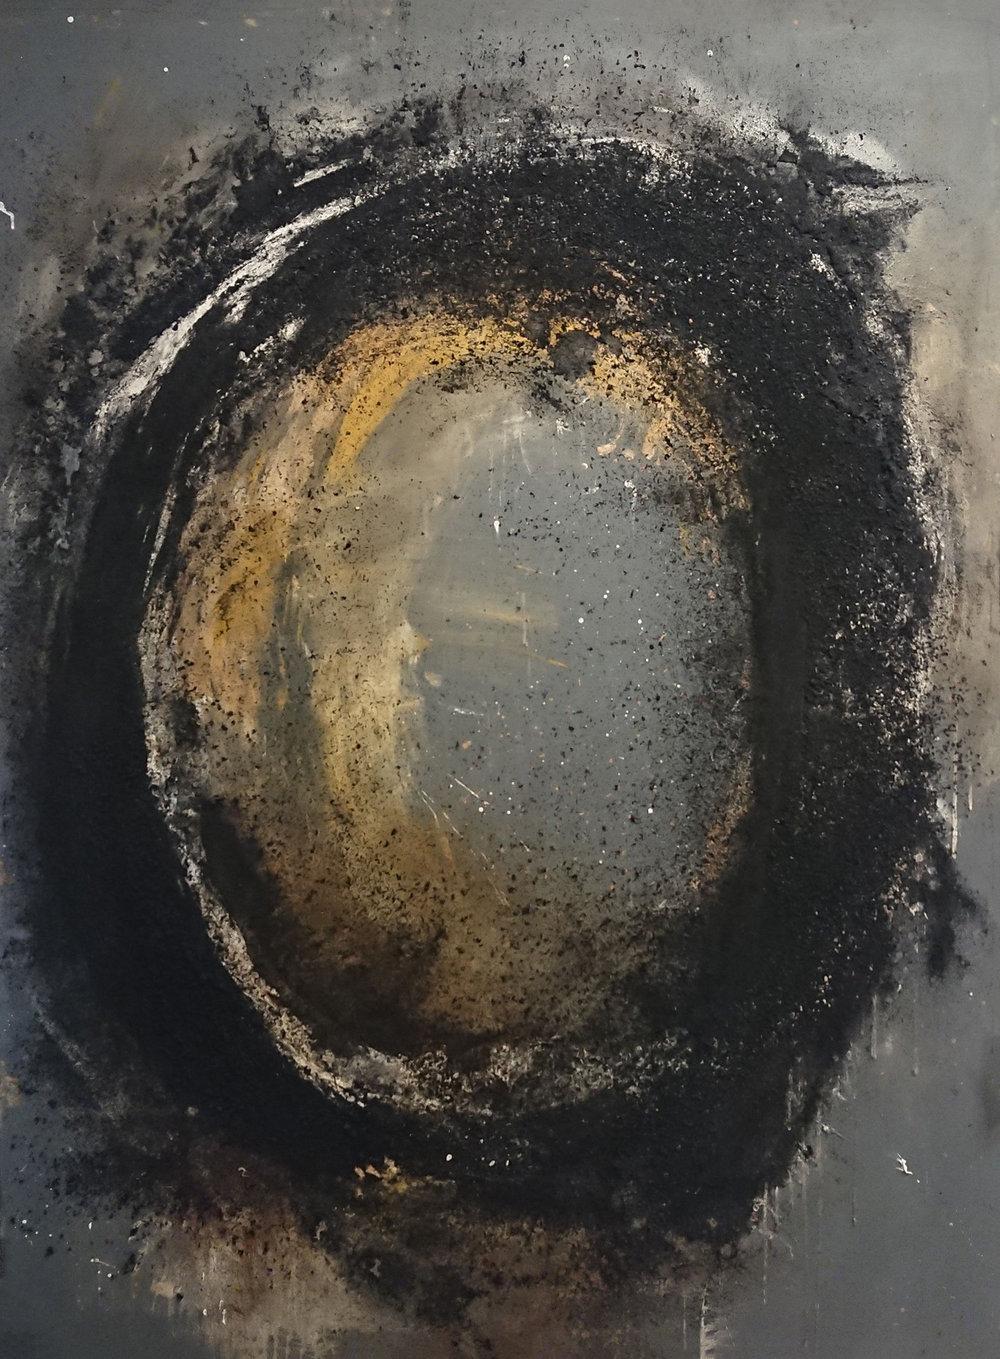 Vicious Circle (I), 2016